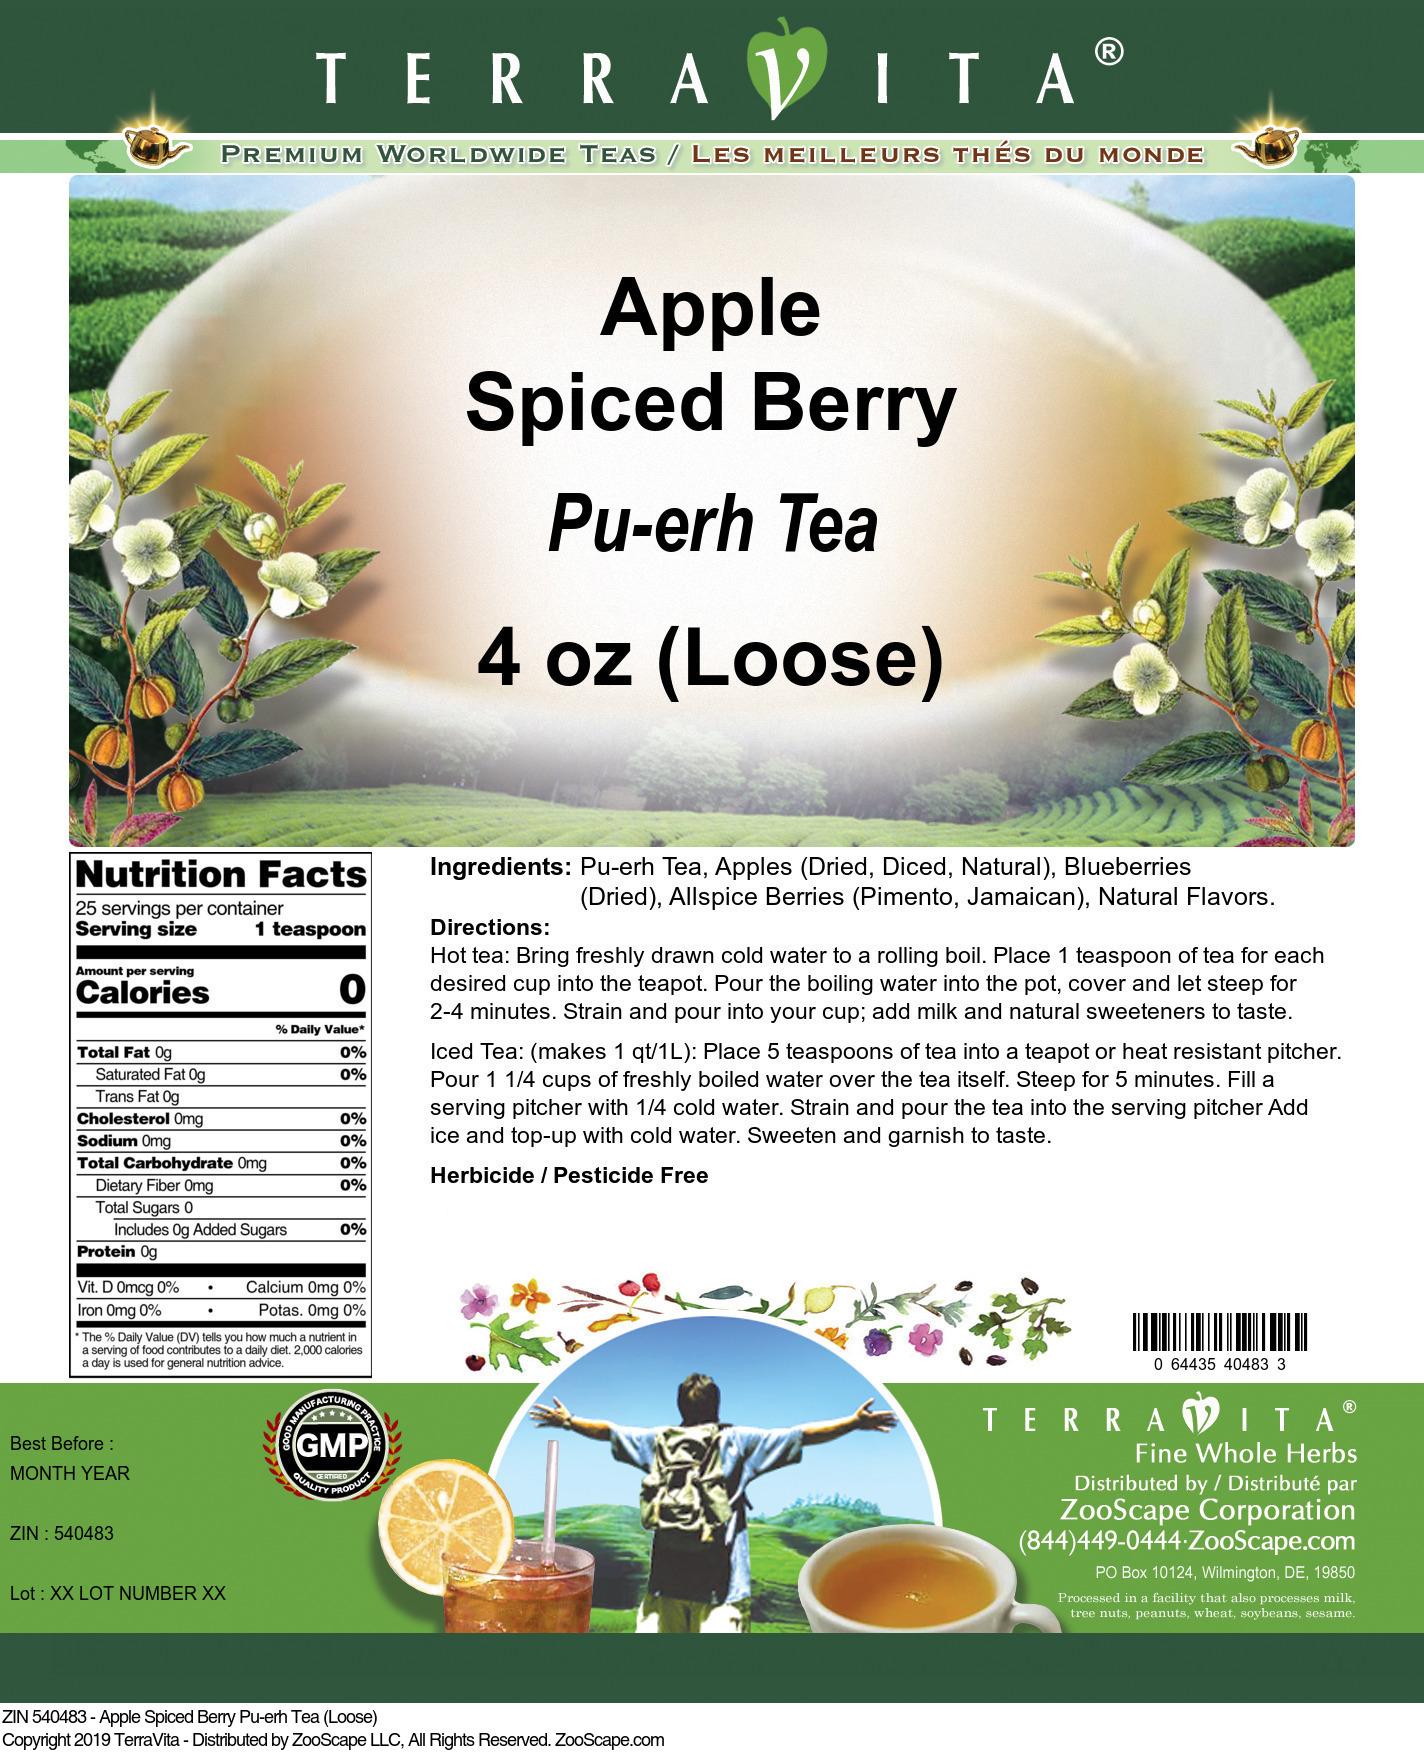 Apple Spiced Berry Pu-erh Tea